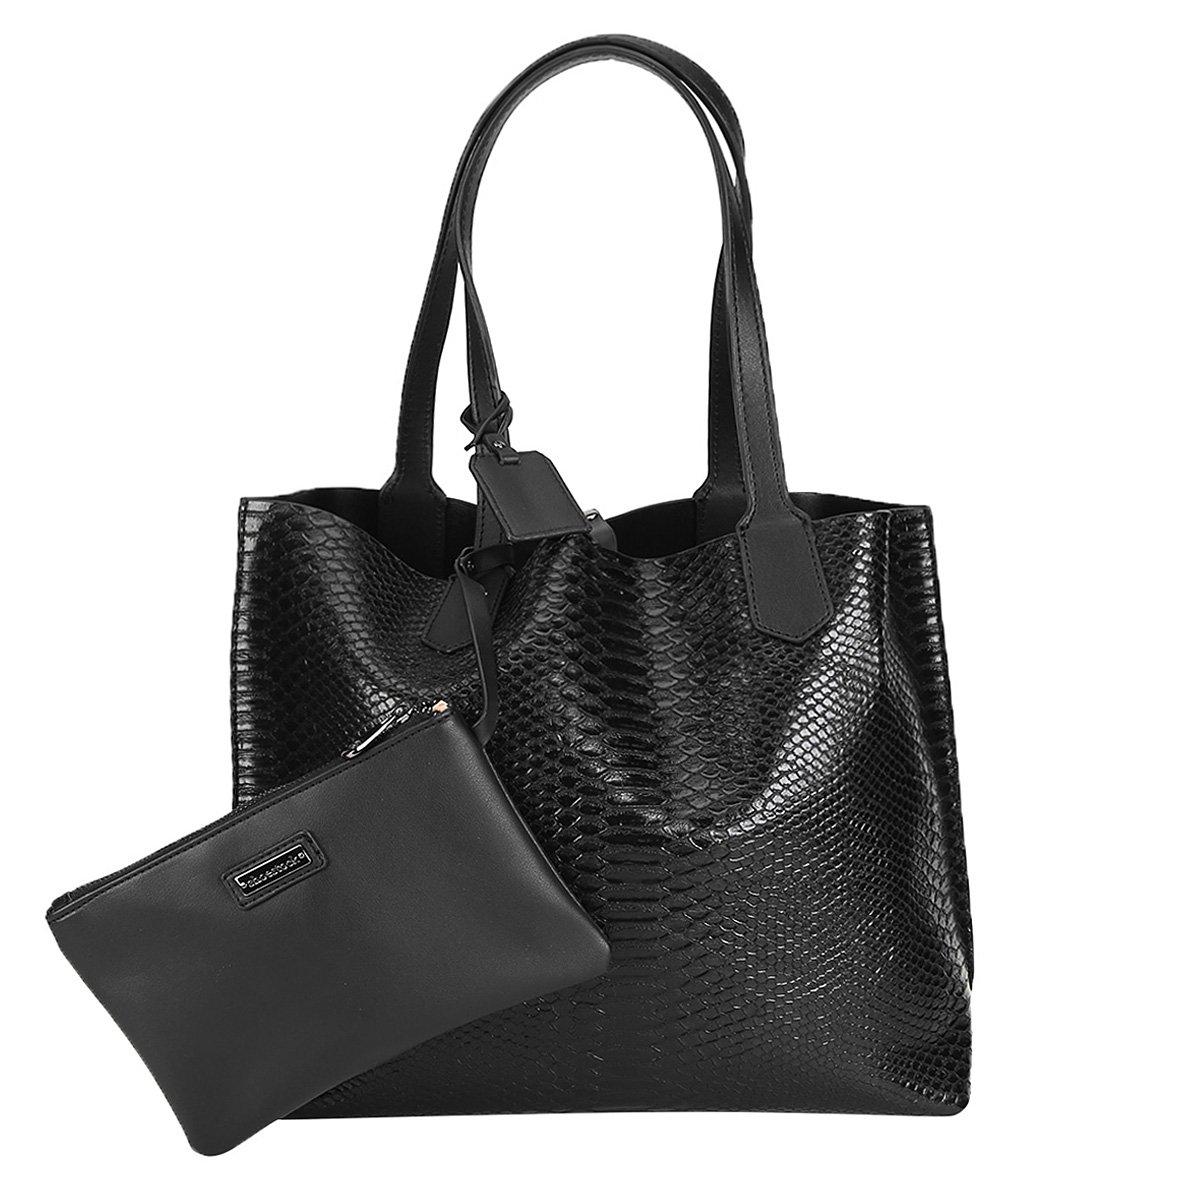 001038ef8 Bolsa Shoestock Shopper Dupla Face Snake Feminina - Compre Agora ...